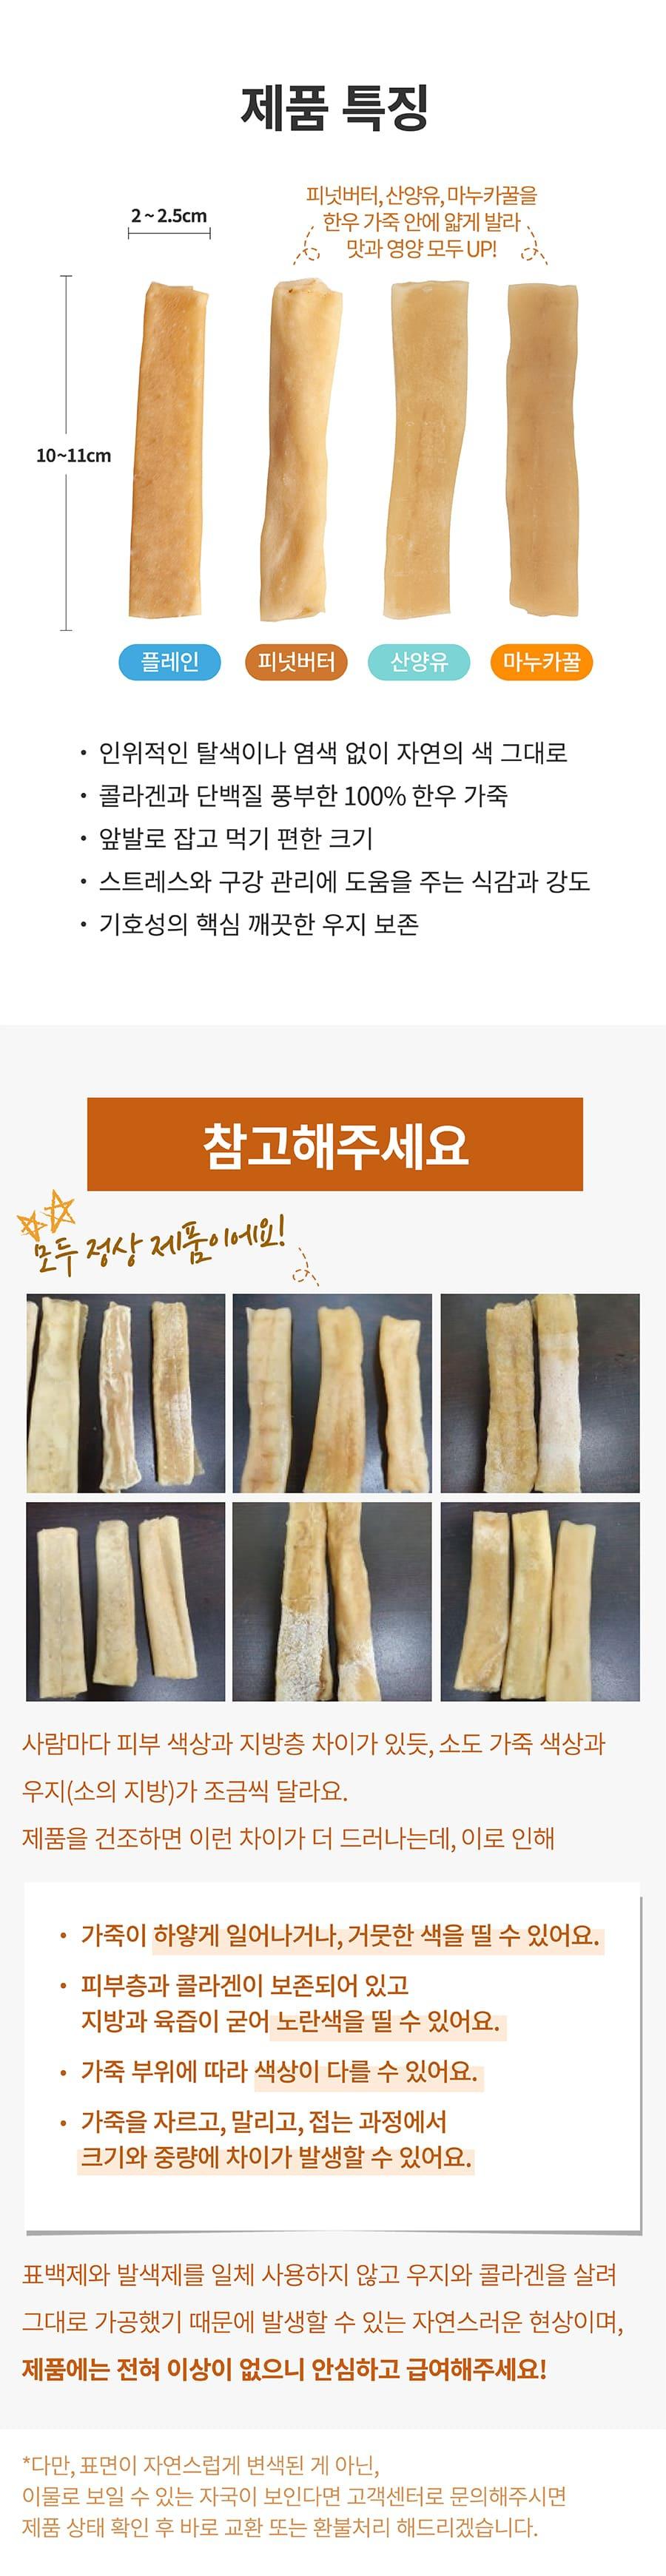 [오구오구특가]it 츄잇 산양유 (3개세트)-상품이미지-27